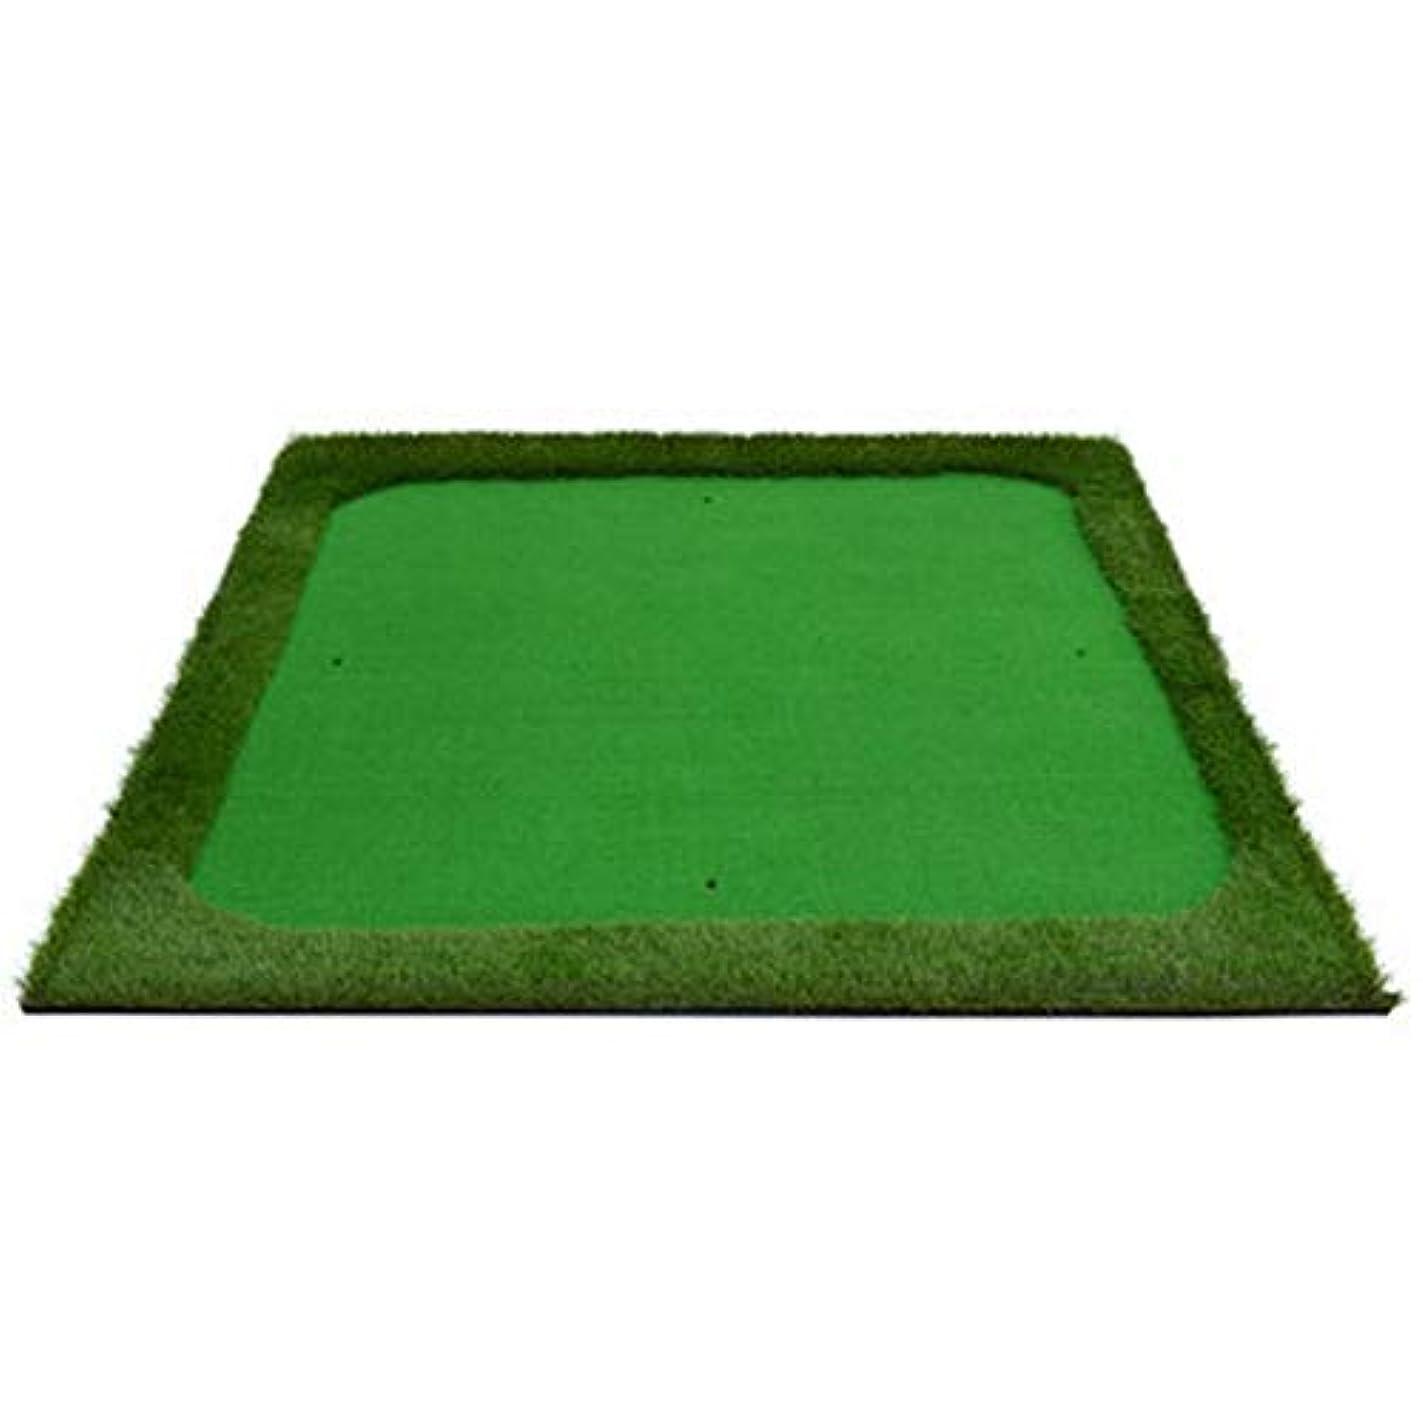 会議脱獄WJ ゴルフマット- ゴルフブローパッドスイングマット2色の草マットスクエア4辺の長い草 /-/